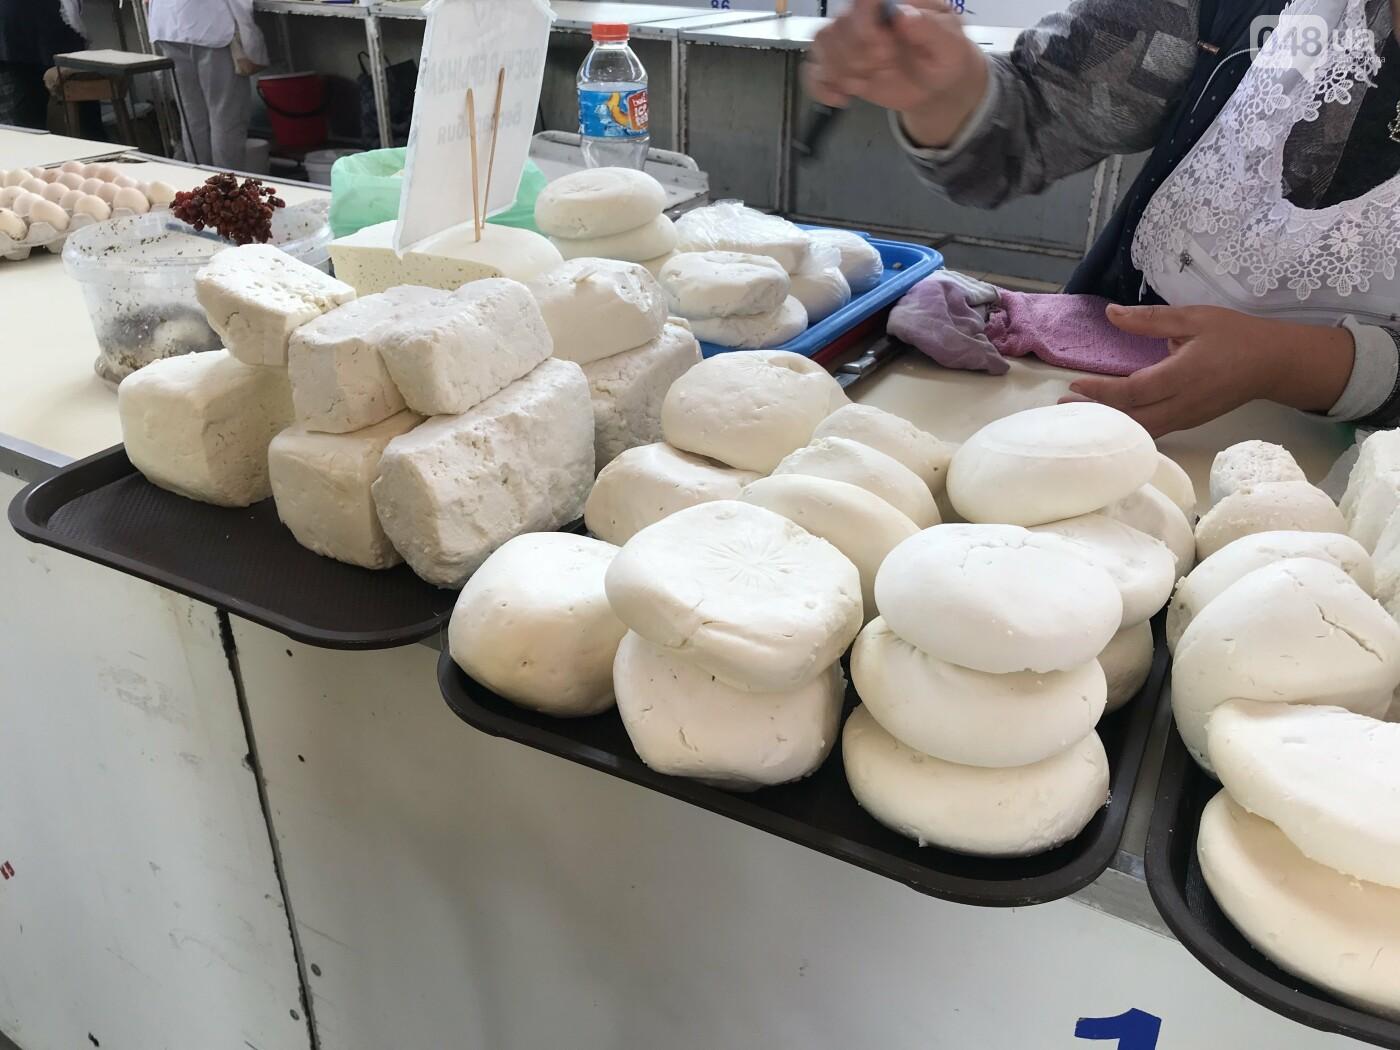 Фета, дунайка, антрекот: цены на одесском Привозе в мясном, молочном и рыбном корпусах, - ФОТО, фото-2